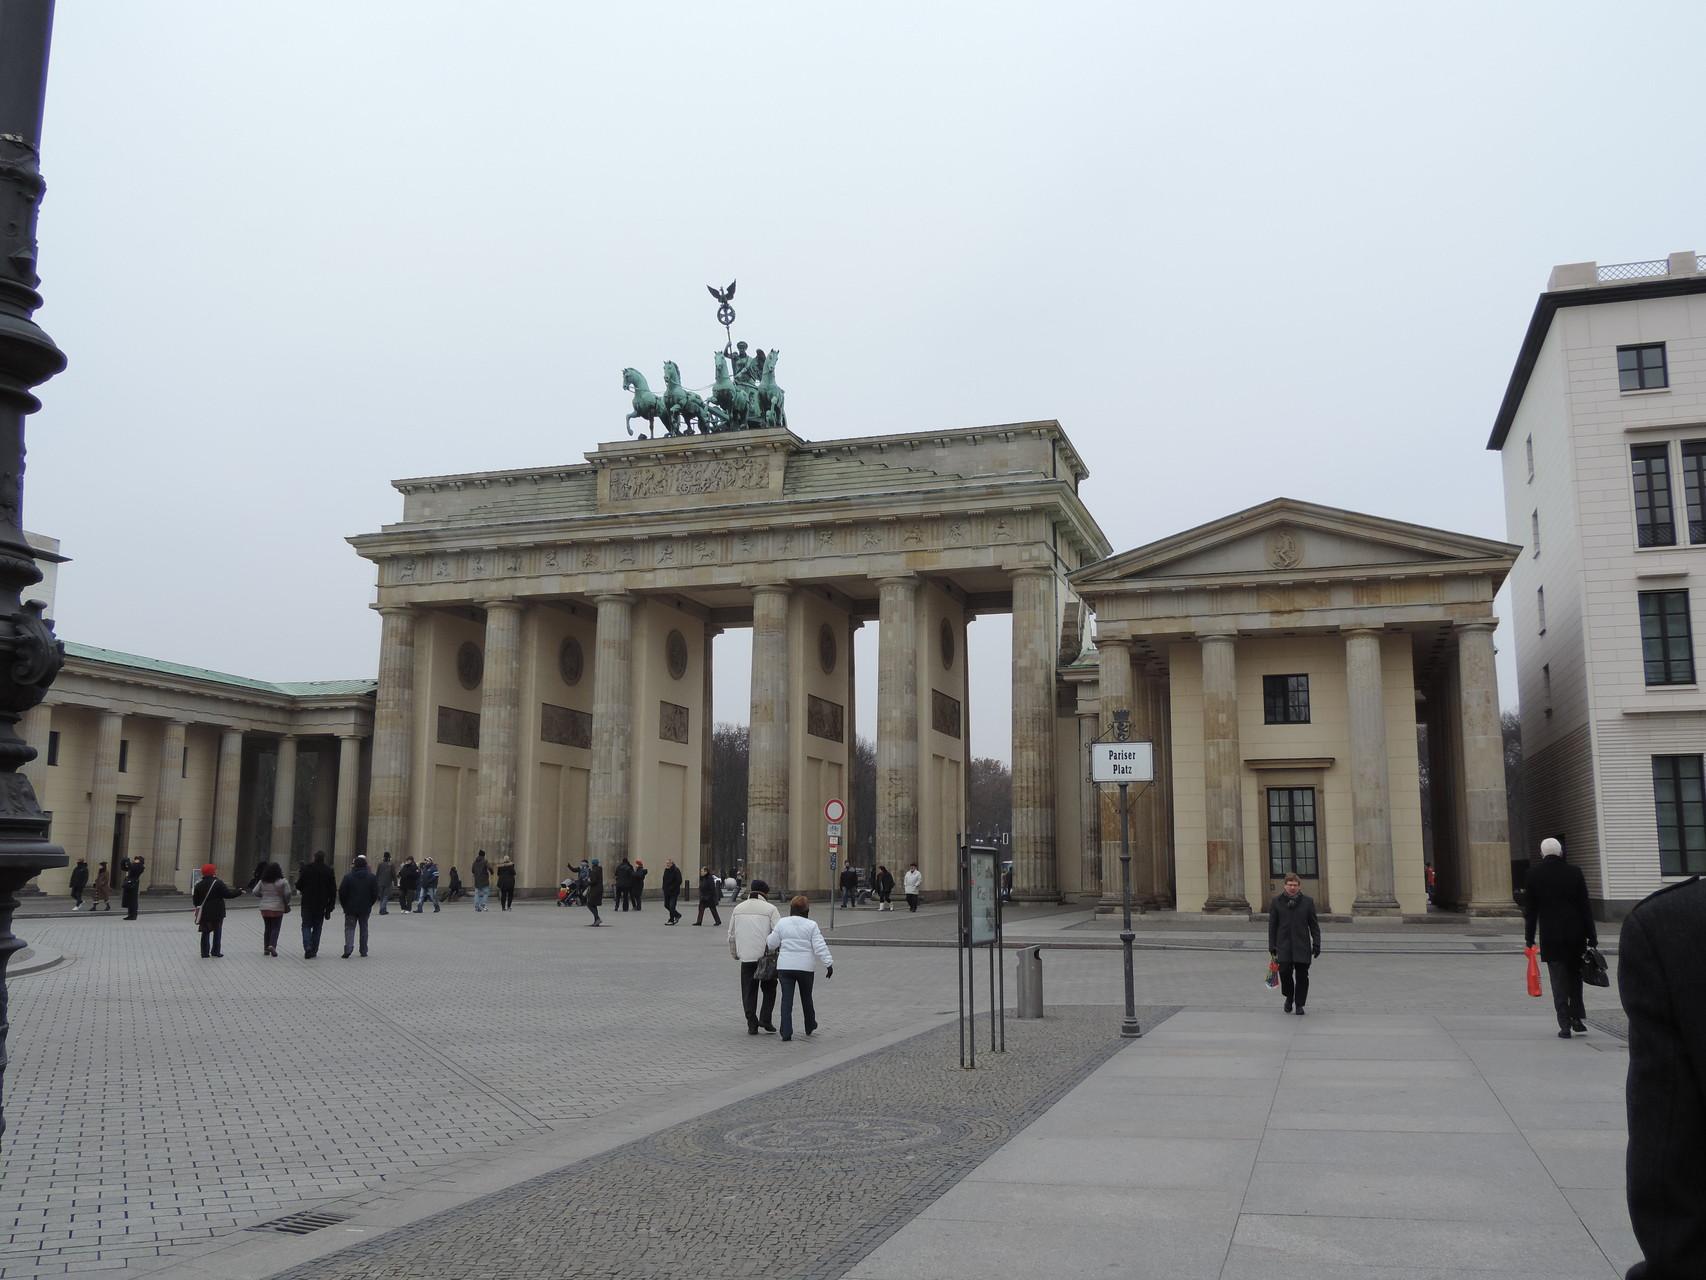 Das gemeinsame Mittagessen aller Nominierten mit dem Moderator des Abends fand direkt neben dem Brandenburger Tor statt :)